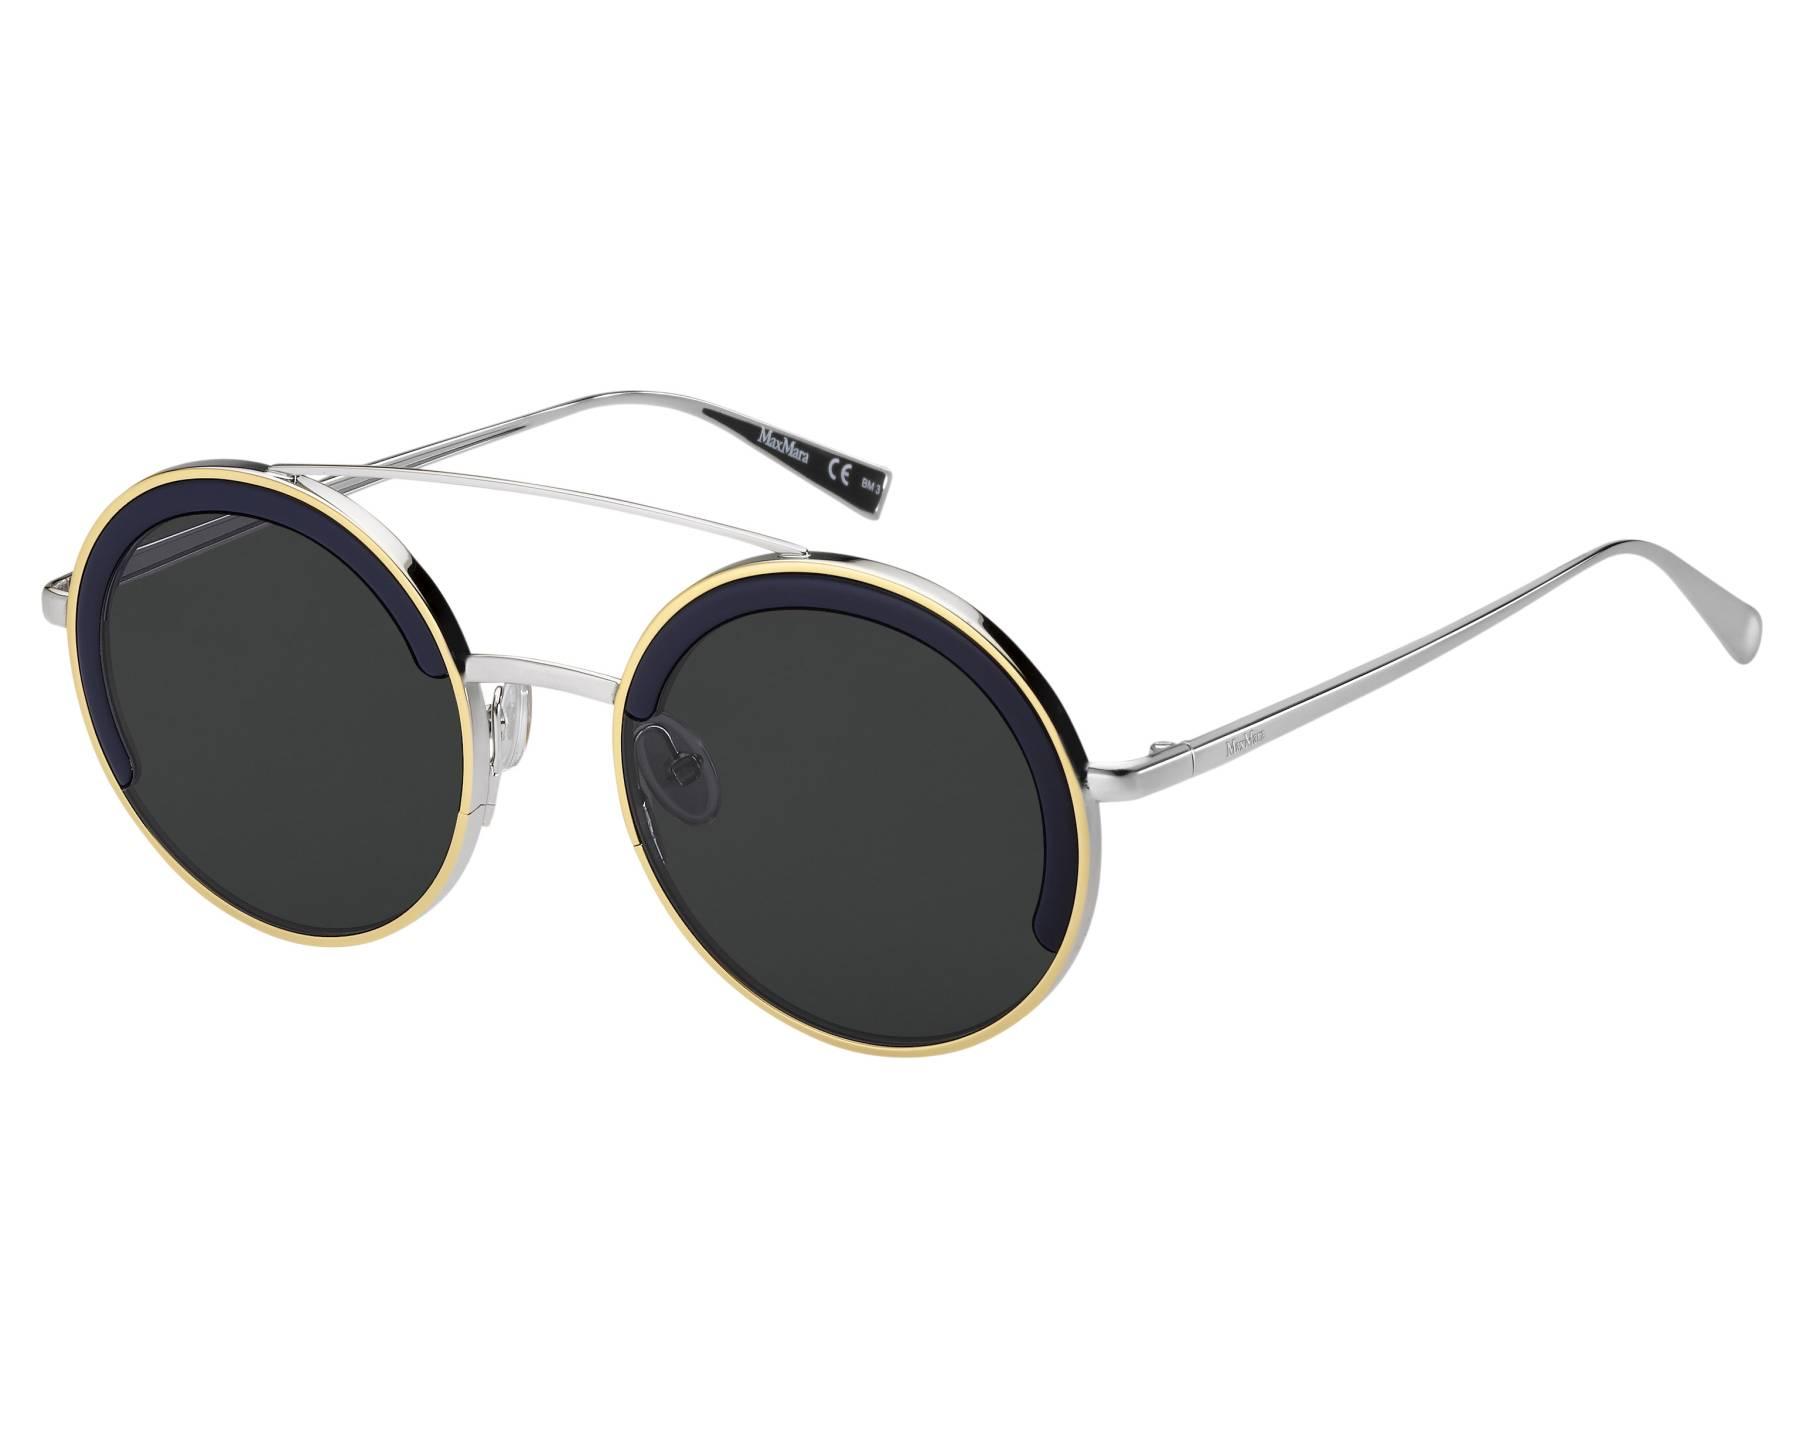 Óculos de Sol Max Mara Prateado/Dourado EILEEN I - FT3/IR/51